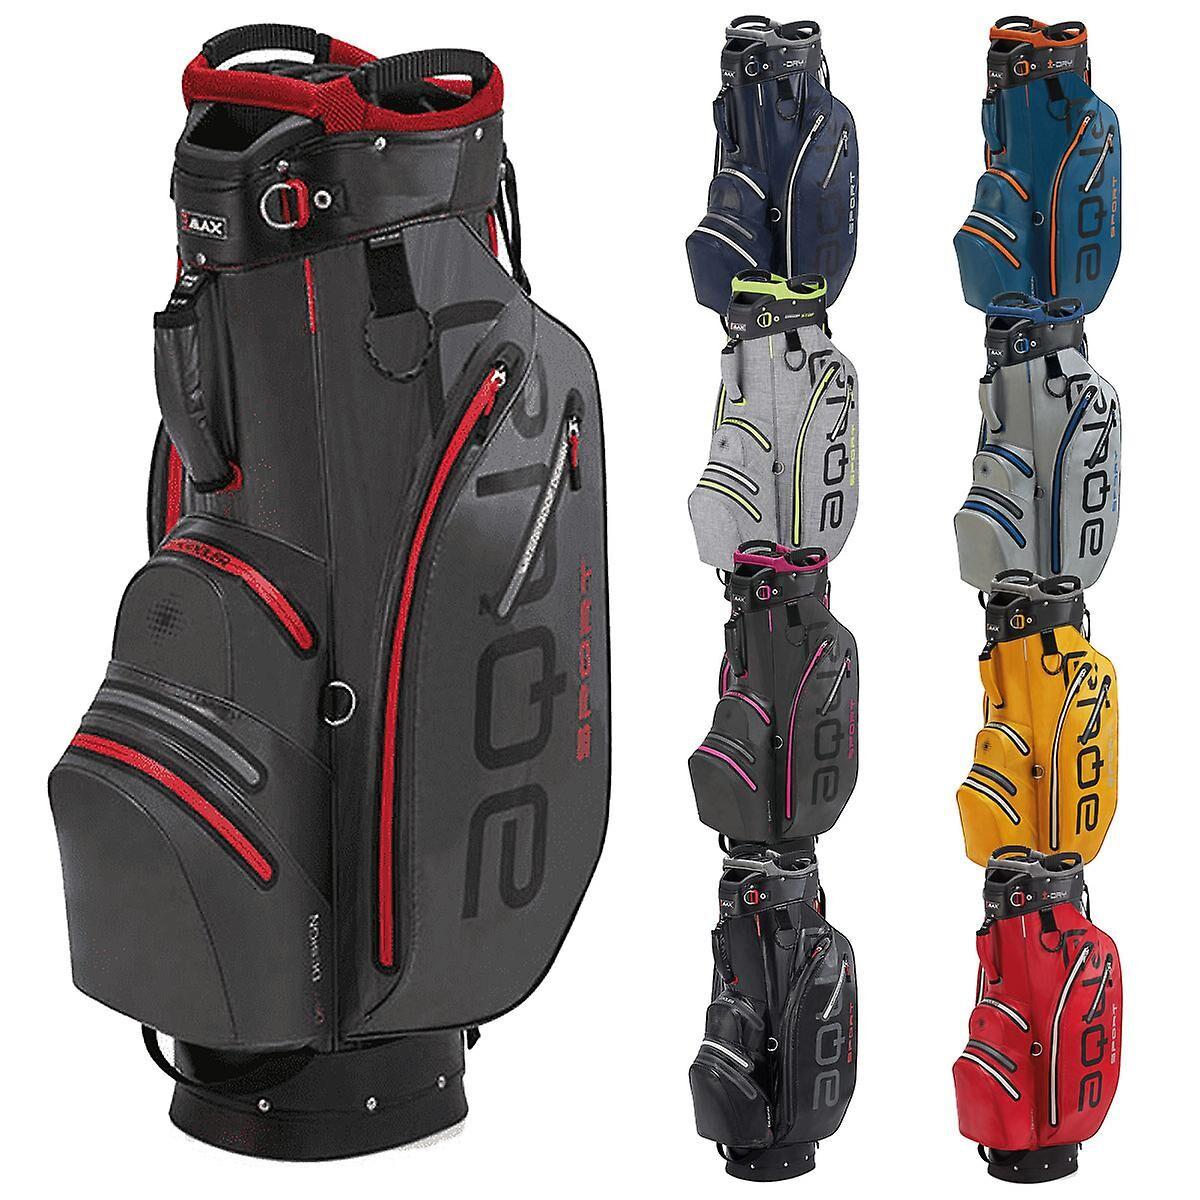 Big Max Unisex Aqua Sport 2 Sac de golf léger imperméable à l'eau Tempête One Size